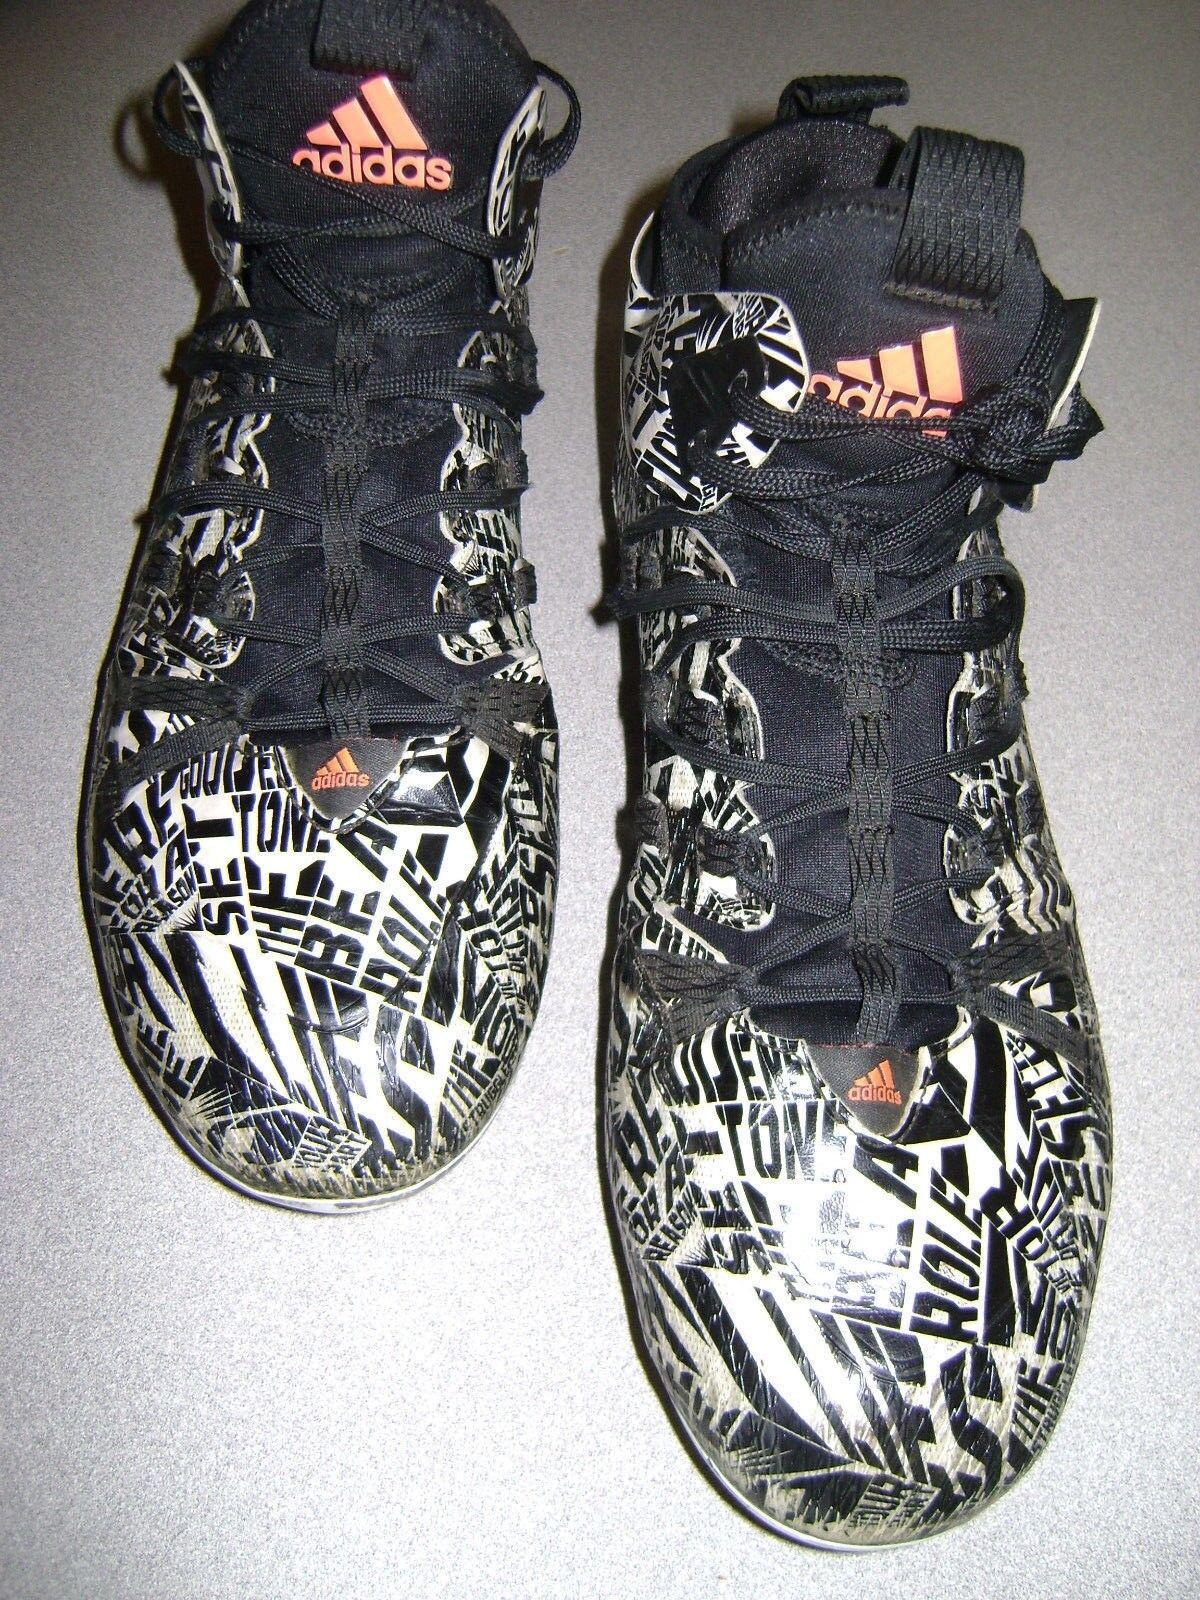 Adidas mantraflage / schwarz s84030 / weiß - stollen s84030 schwarz 709332